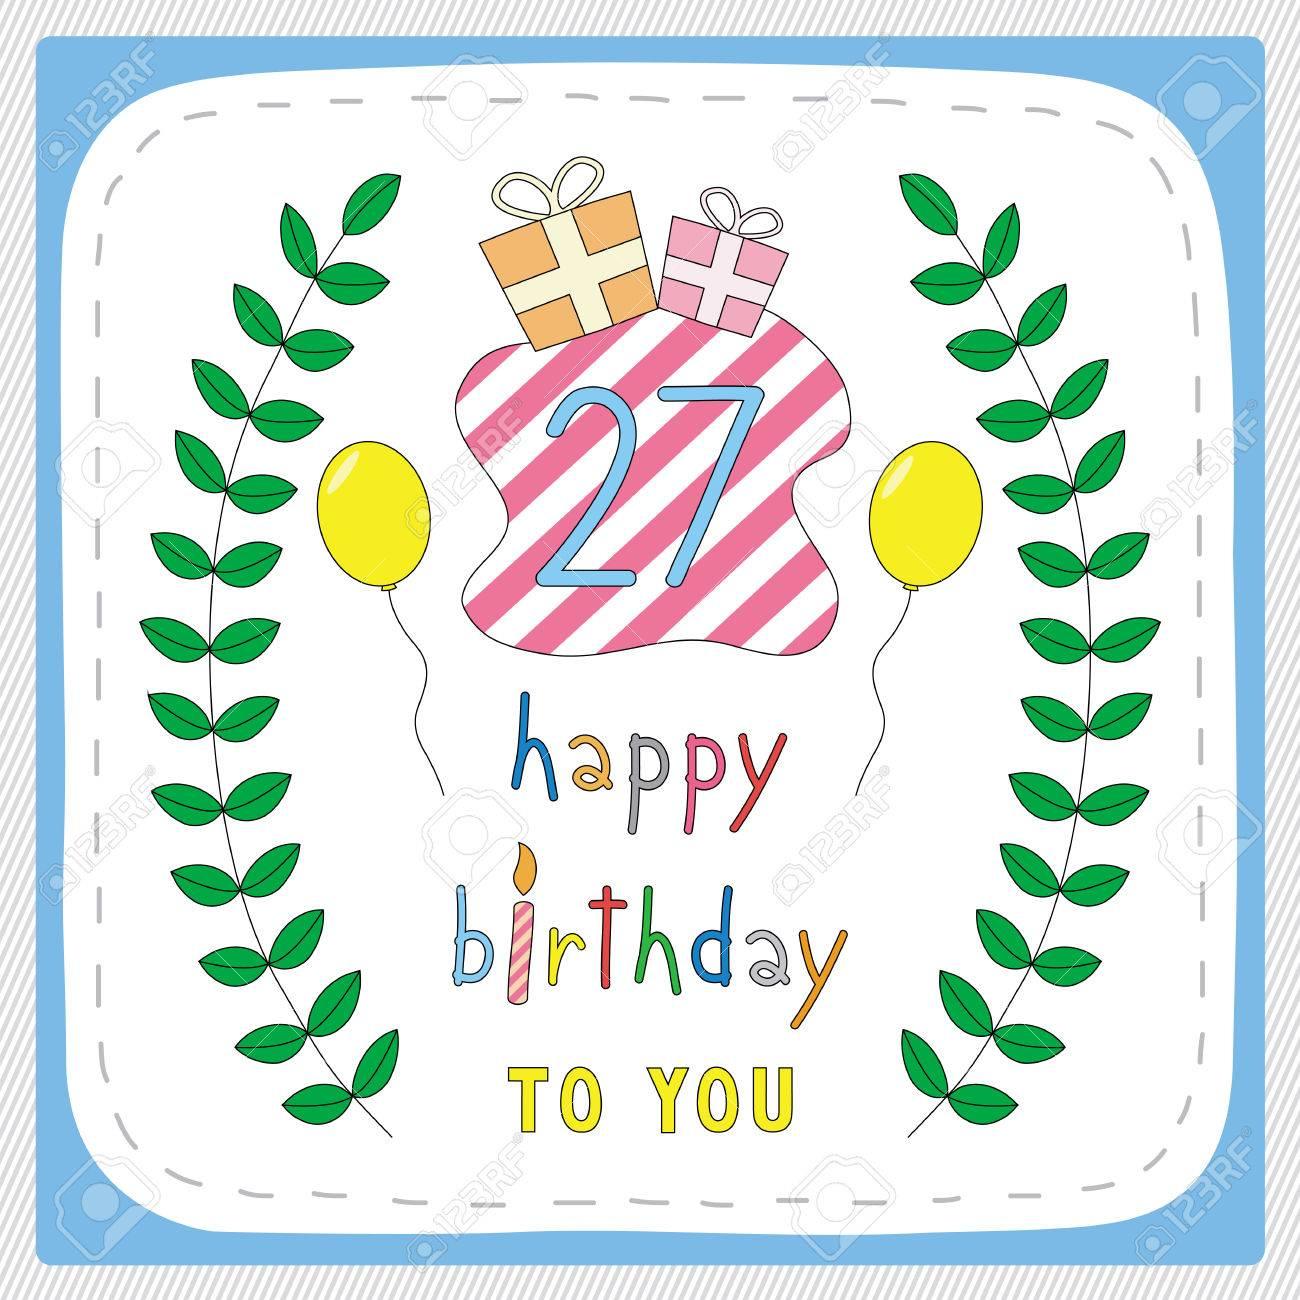 Zum 27 Geburtstag Alles Liebe Gute Gesundheit Gluck